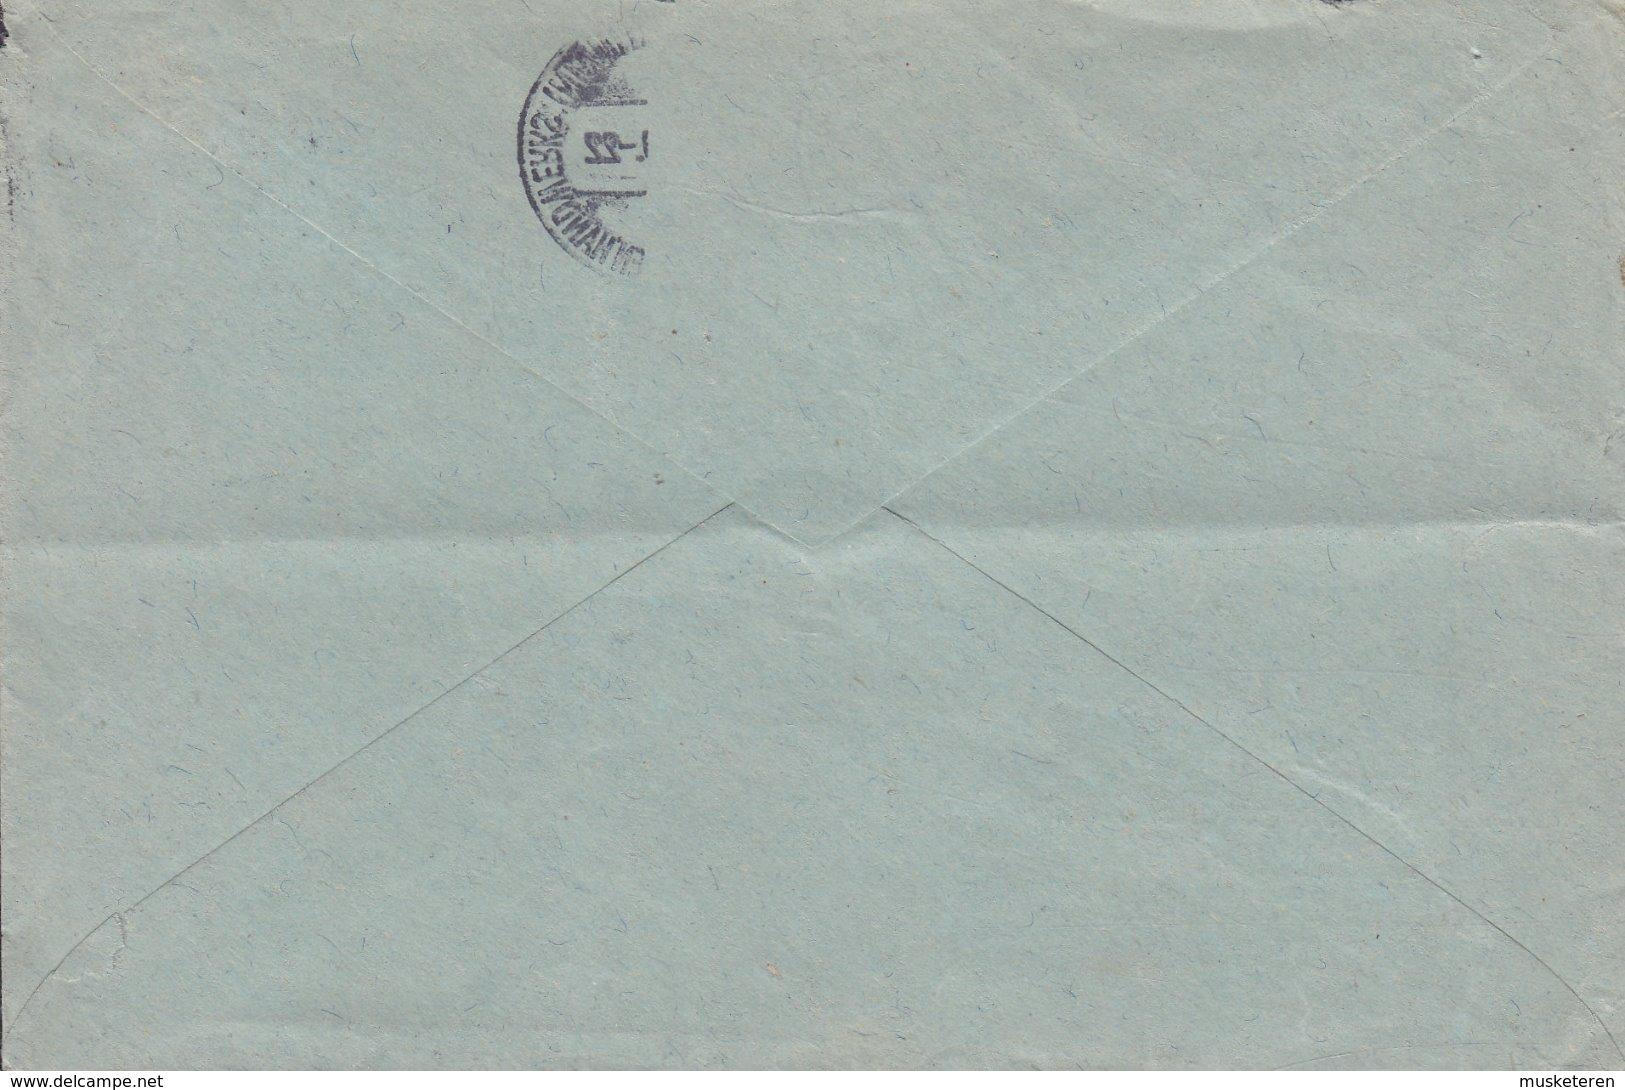 Deutsches Reich N.S.D.A.P. Hitler-Jugend Banne & Jungbanne 81/186 FRANKFURT 1939 Cover Brief 8 Pf Adler Auf Sockel Stamp - Officials